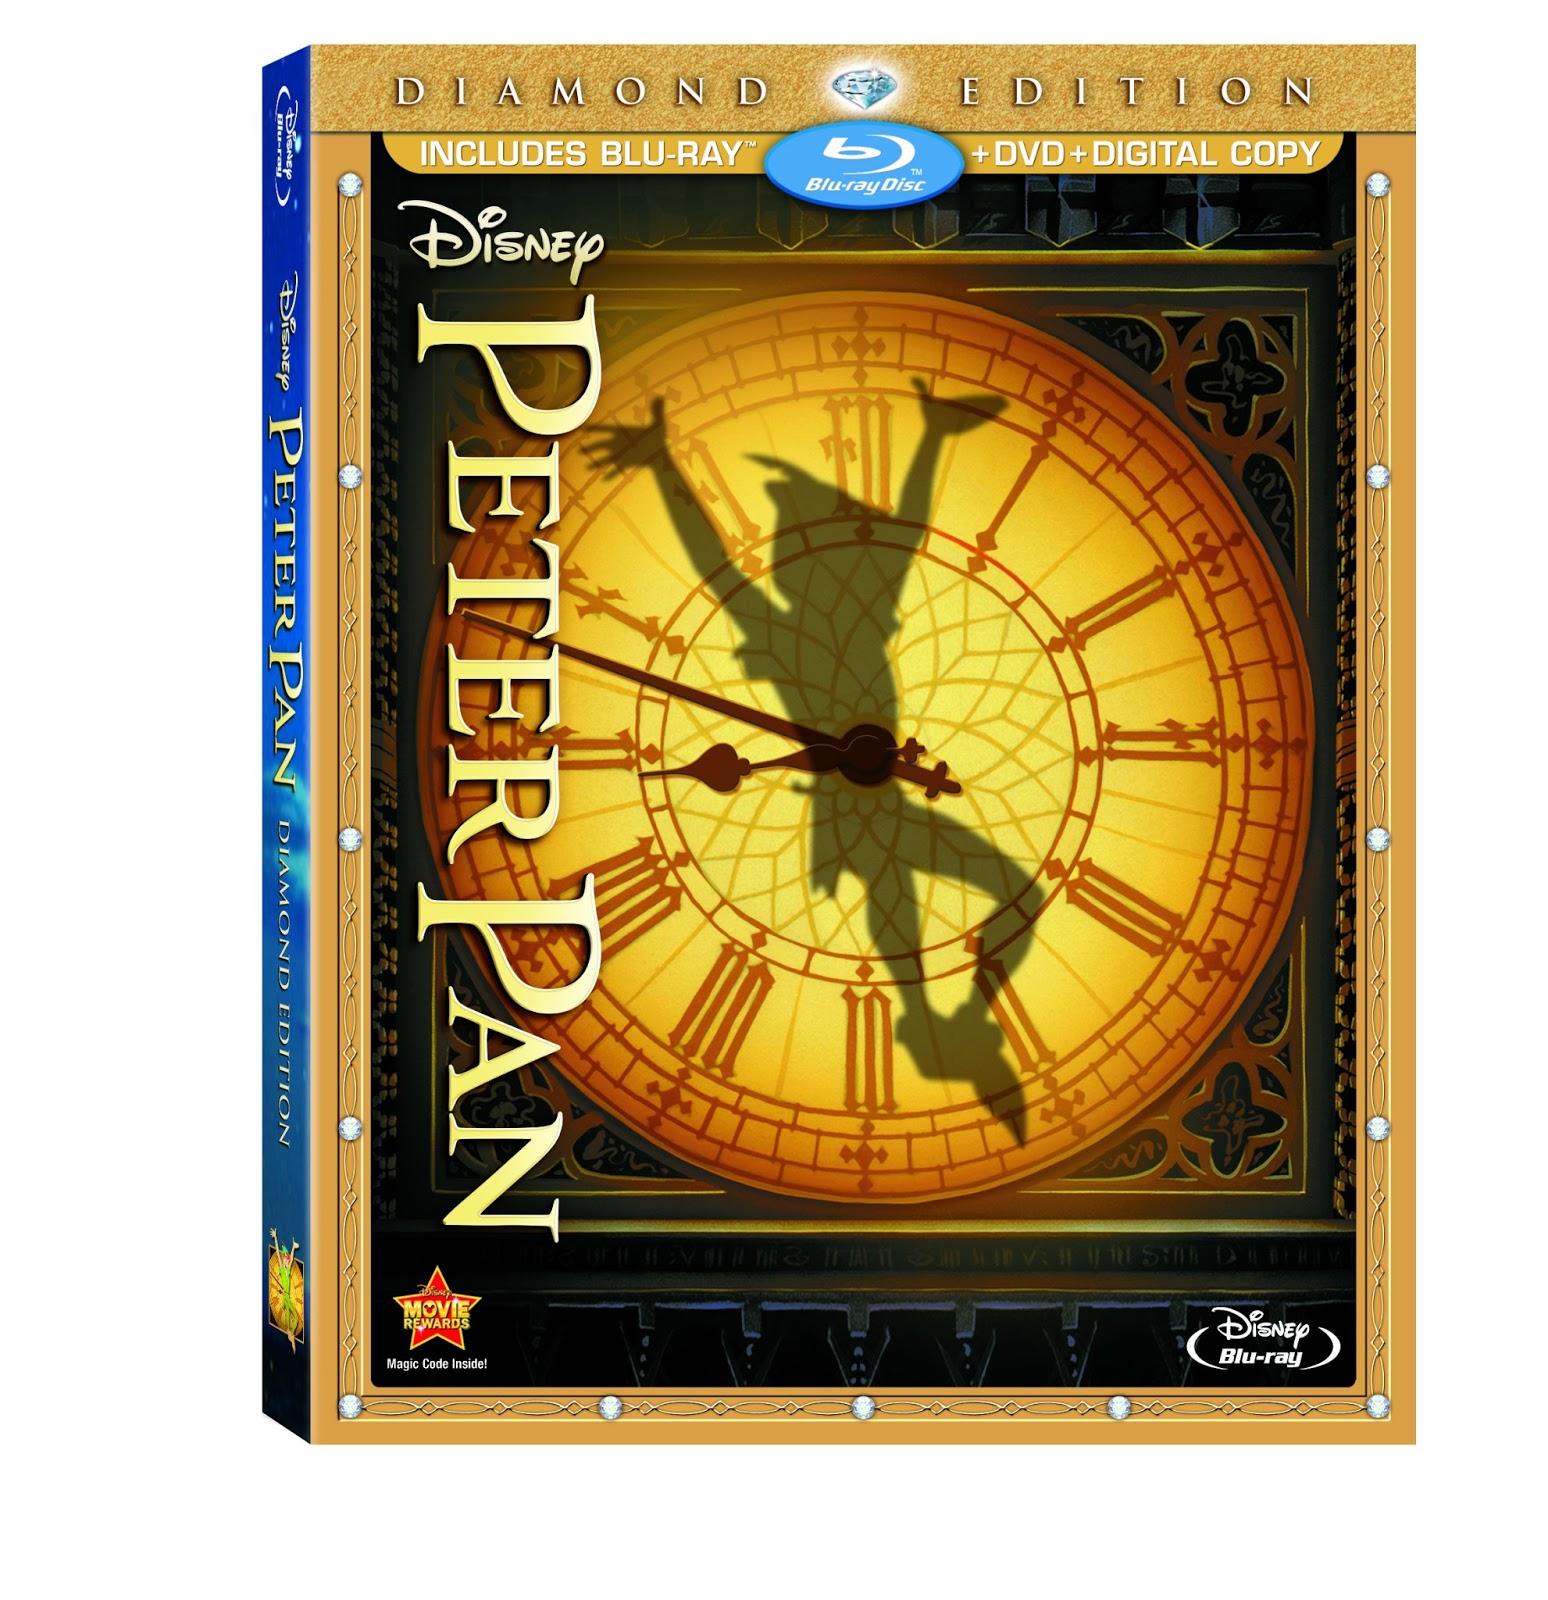 Edition Diamond: Disney Diamond Edition Peter Pan On Blu-ray TODAY